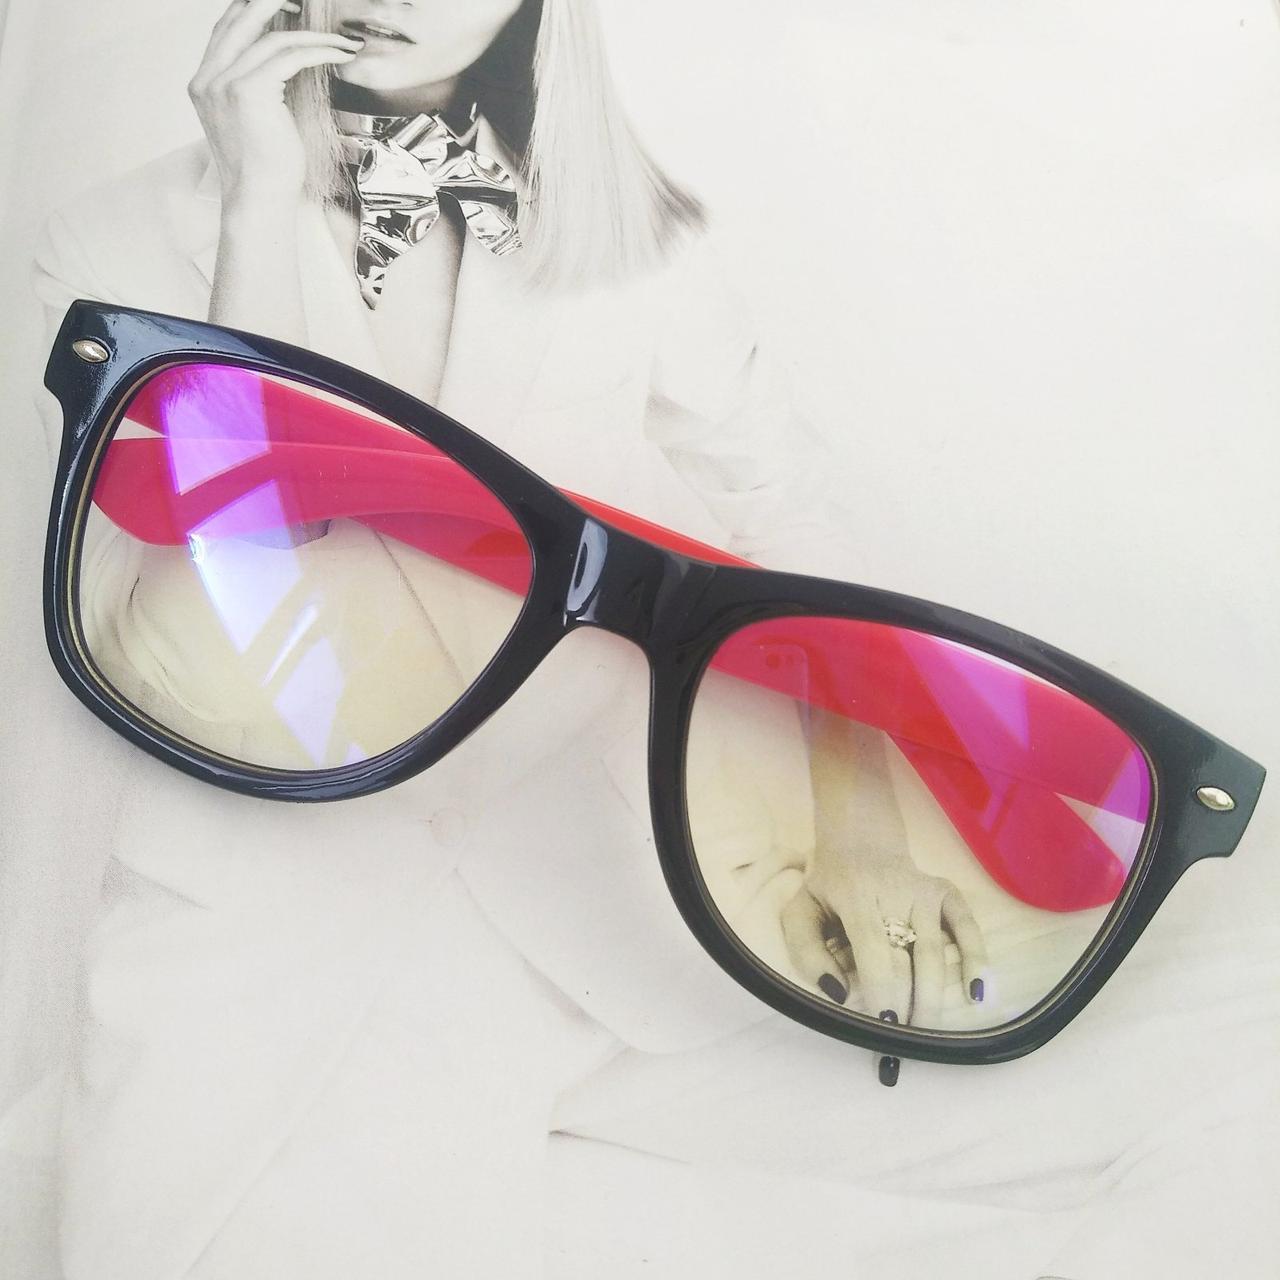 Имиджевые очки с прозрачной линзой анти блик Чёрный+красный